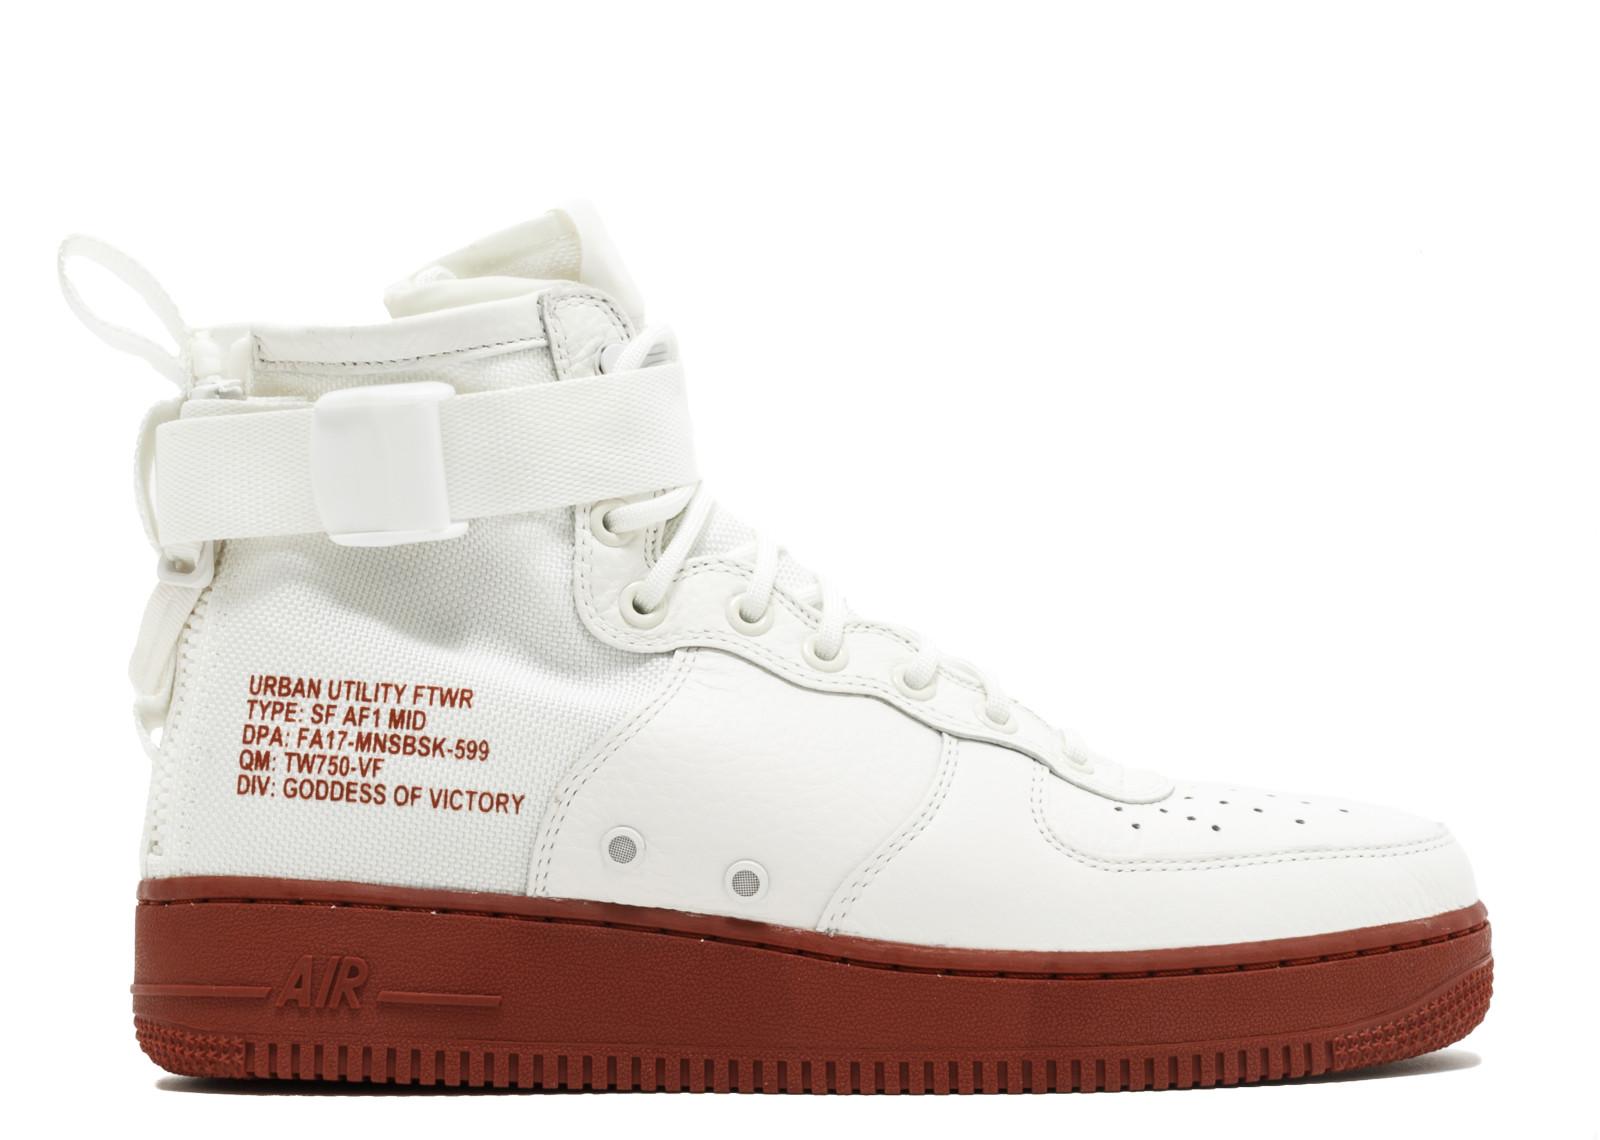 ナイキ エスエフ エアフォース1 ミッド 赤 レッド アイボリー ストーン メンズ 男性用 スニーカー メンズ靴 靴 【 NIKE SF AF1 MID RED IVORY IVORYMARS STONE 】